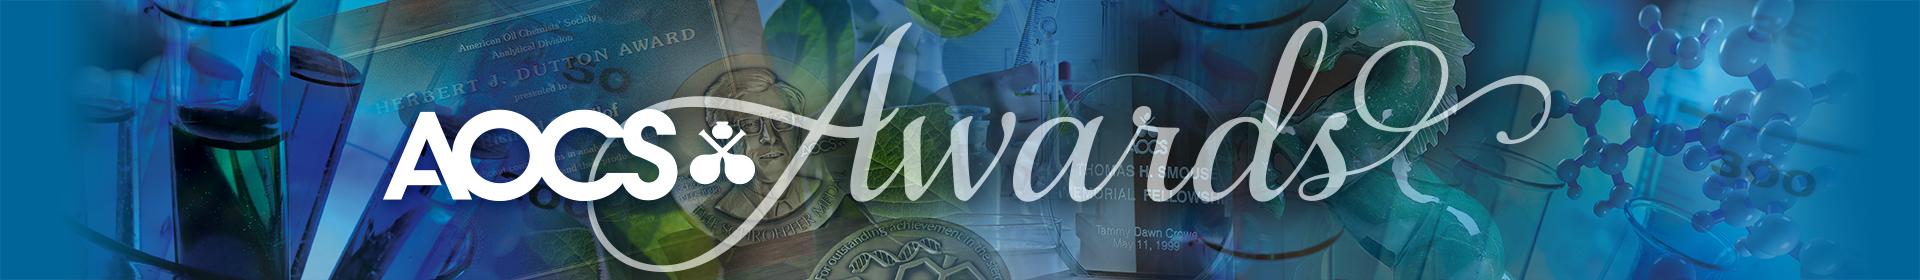 2022 AOCS Awards Event Banner